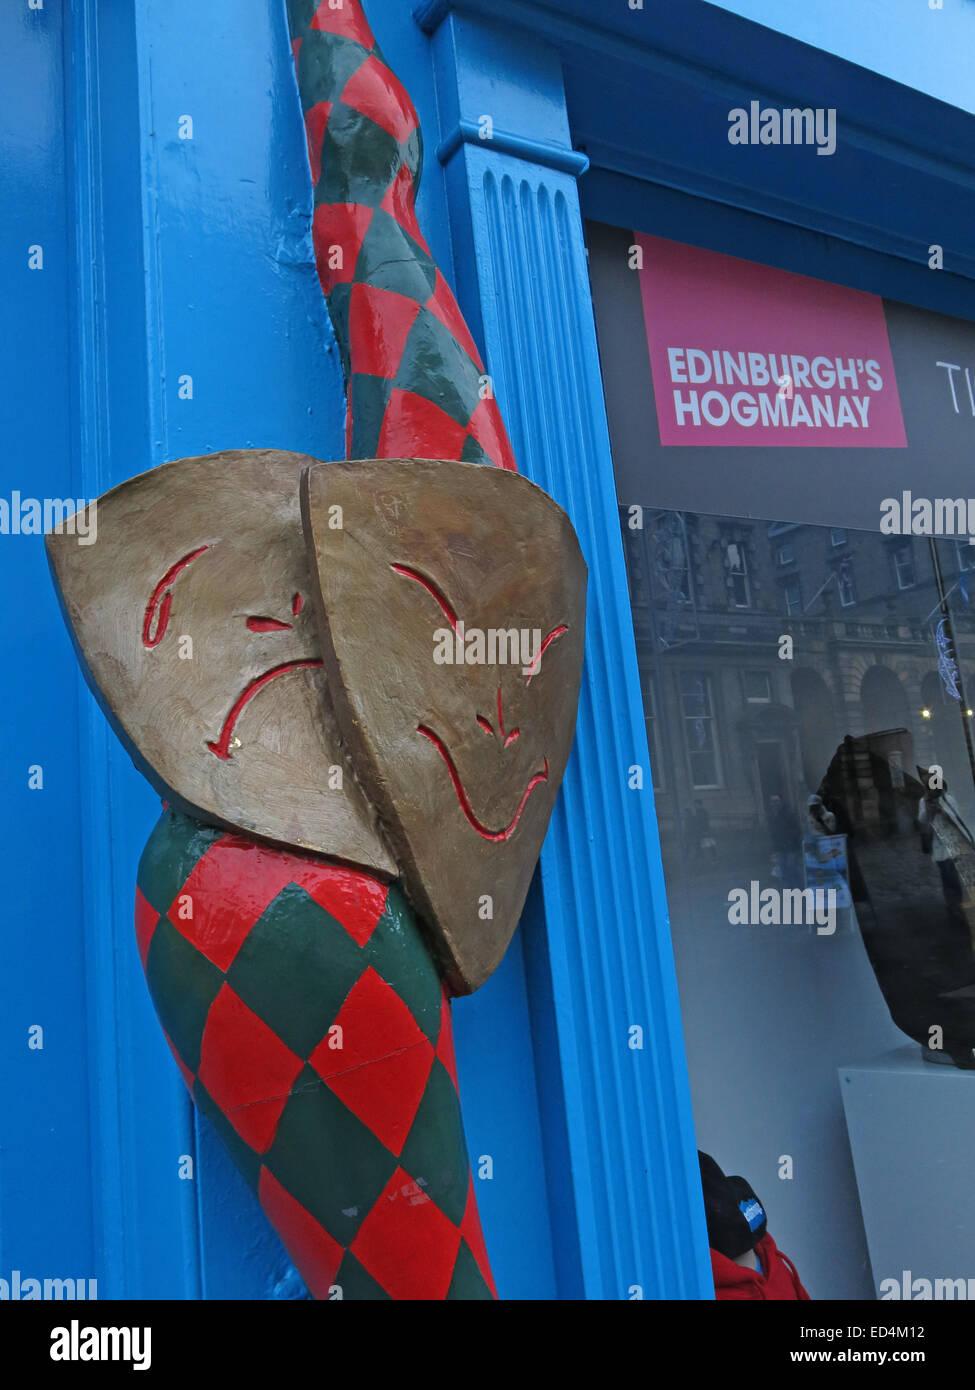 Laden Sie dieses Alamy Stockfoto EdFringe Büro für Hogmanay und Rahmenveranstaltungen, Royal Mile, Edinburgh, Scotland, UK - ED4M12